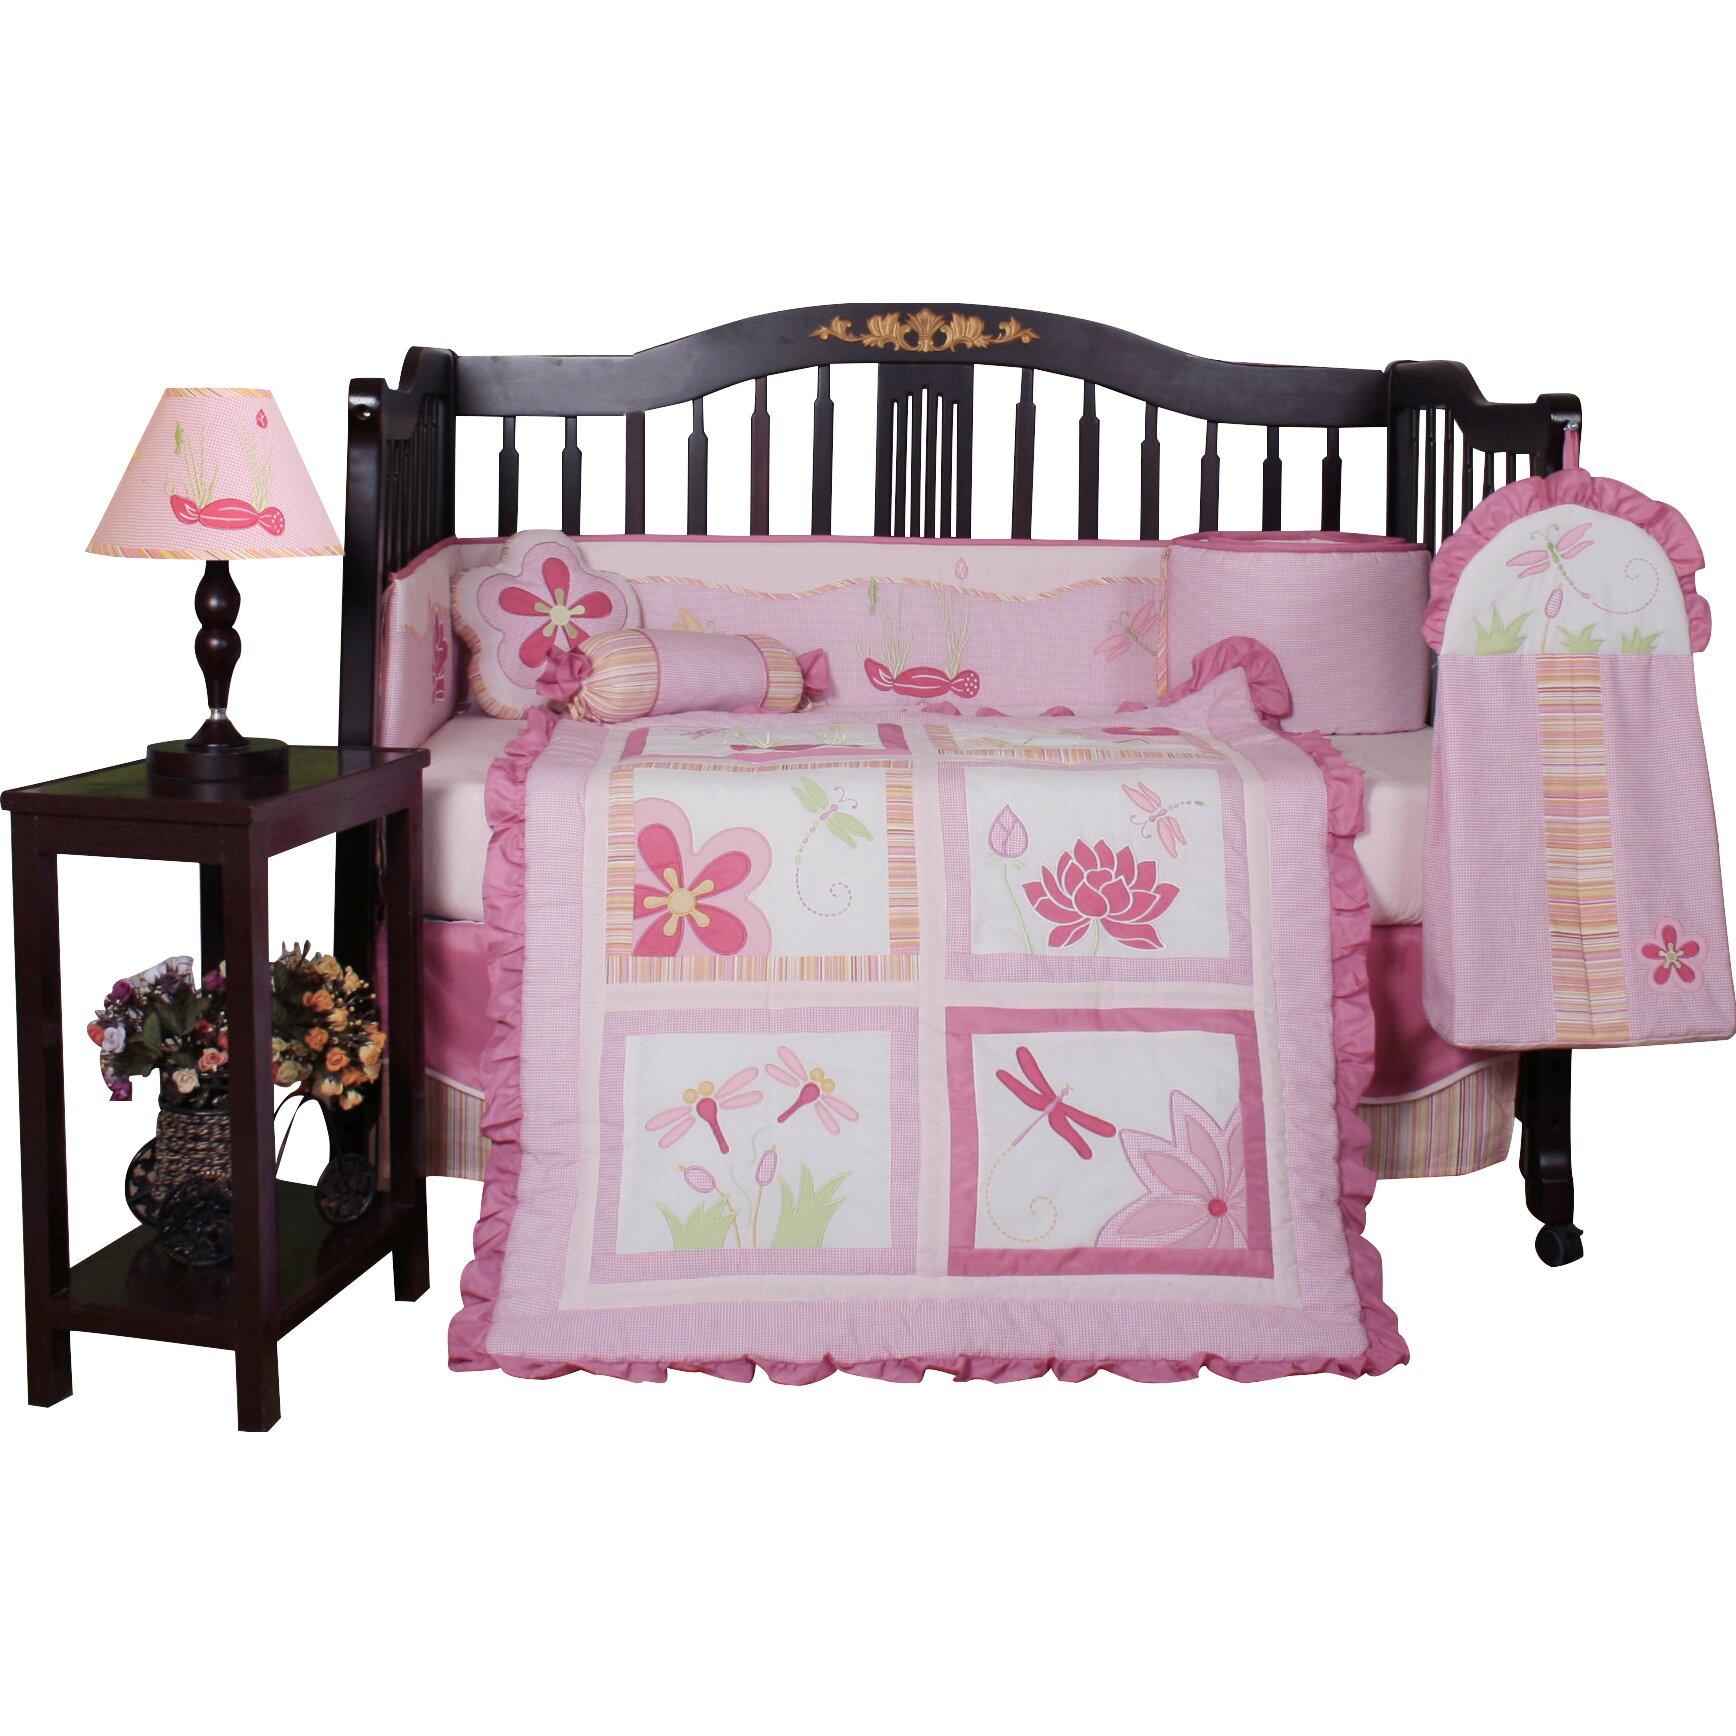 Geenny Dragonfly Crib Bedding